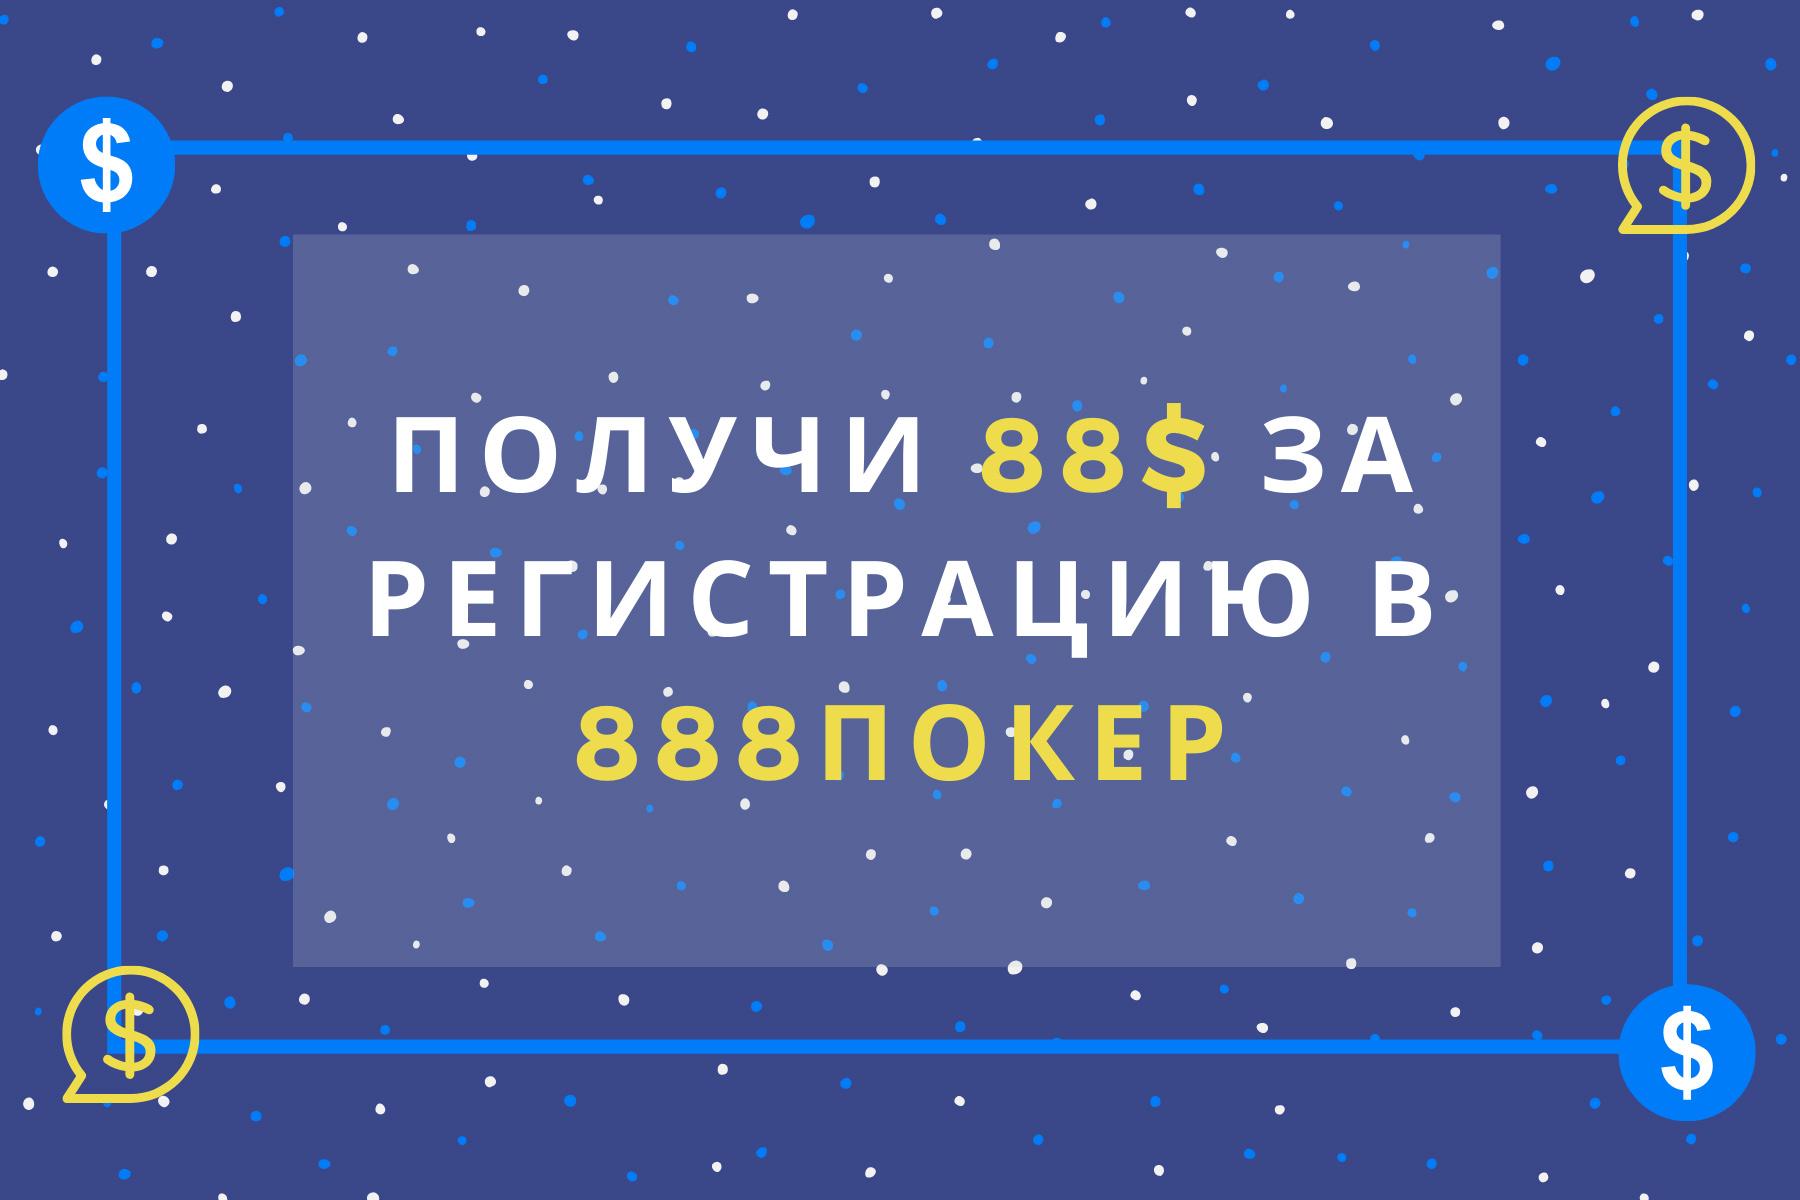 Как получить 88 долларов за регистрацию в руме 888poker.